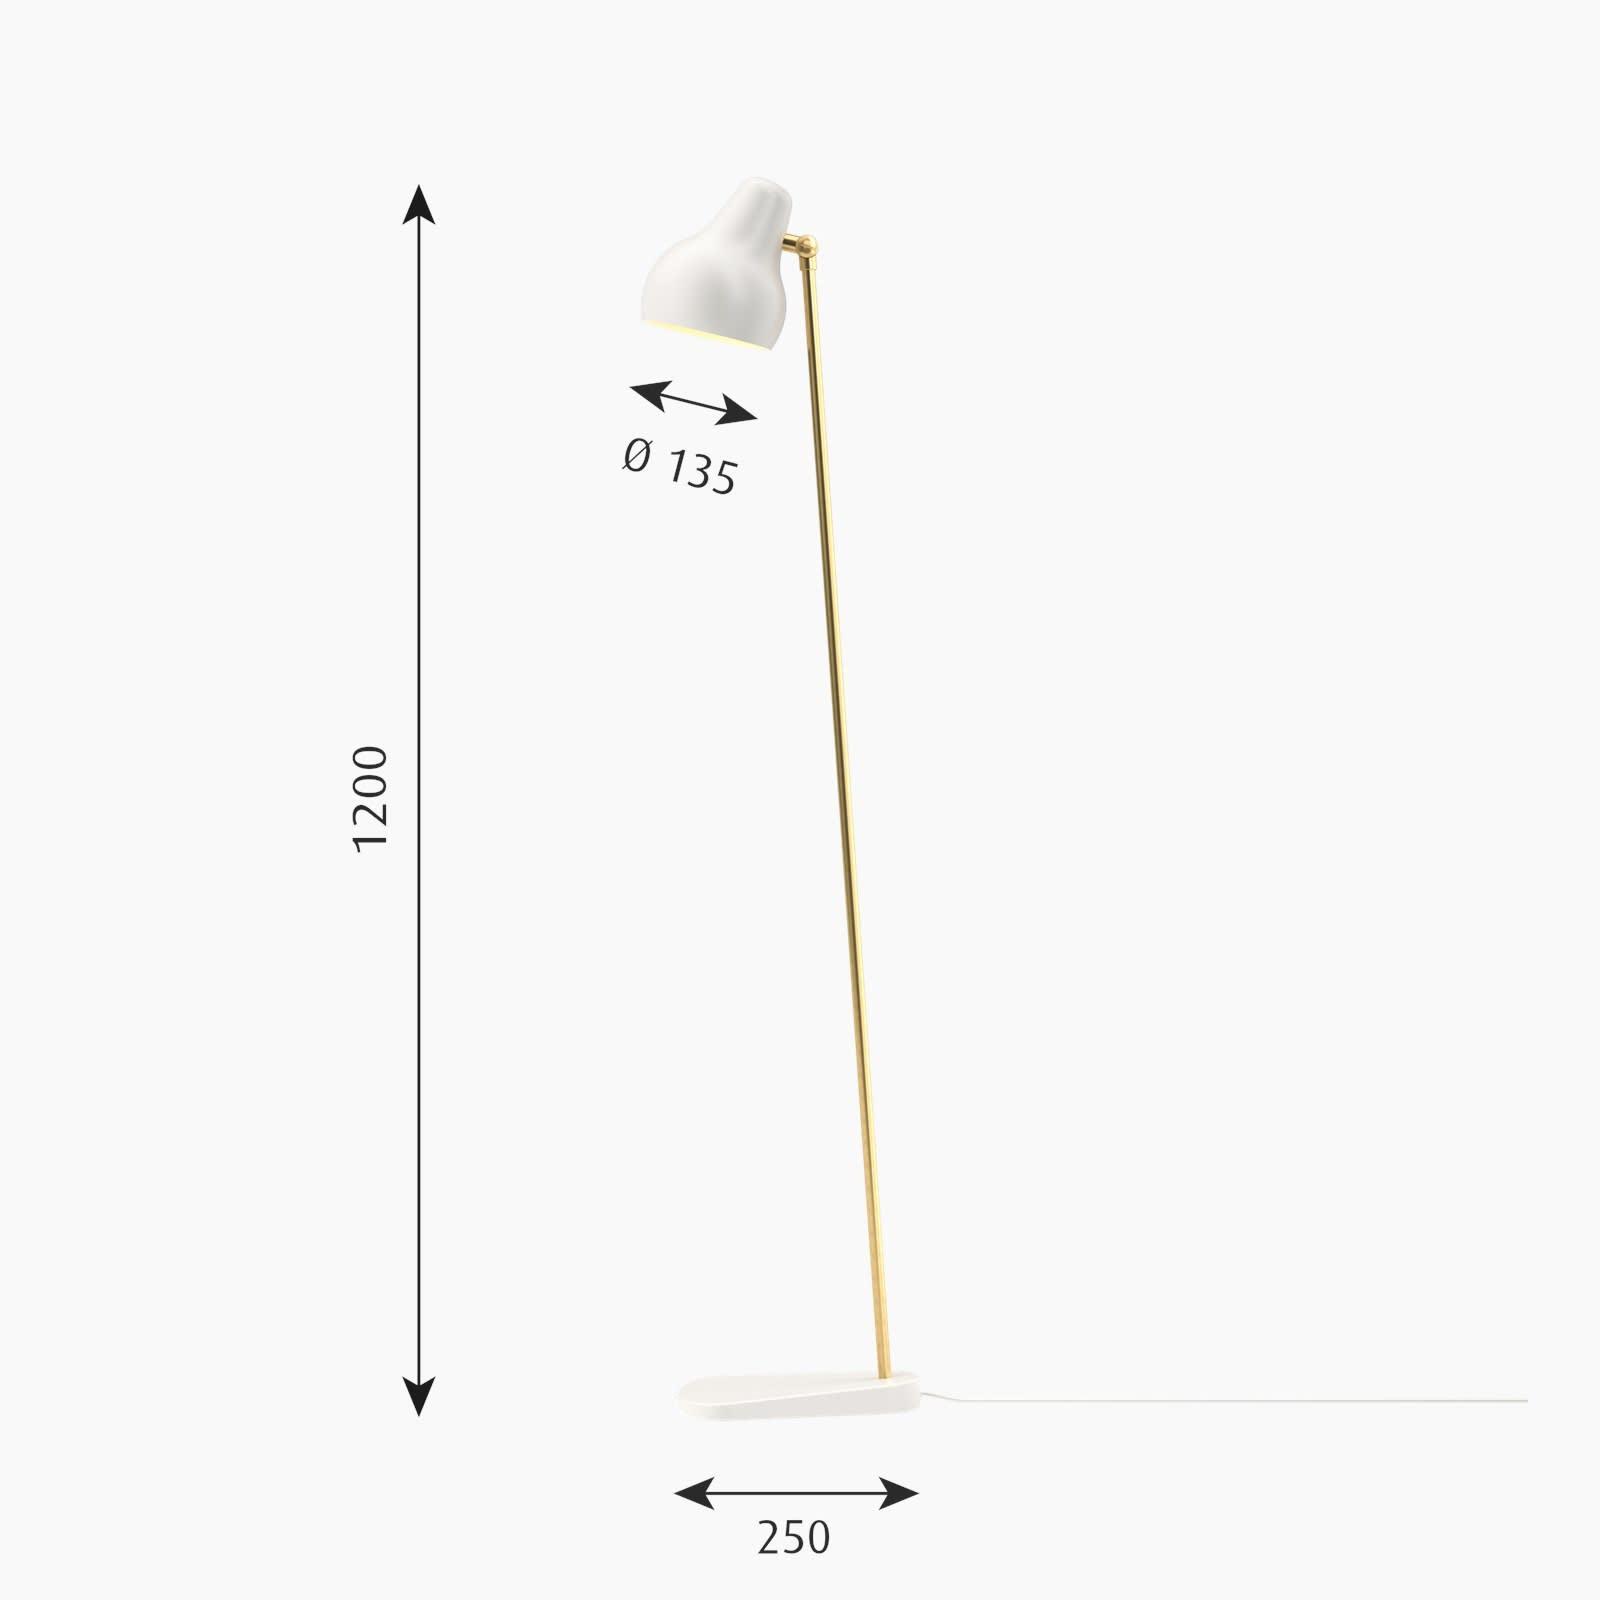 louis-poulsen-vl38-lamp-dimensions